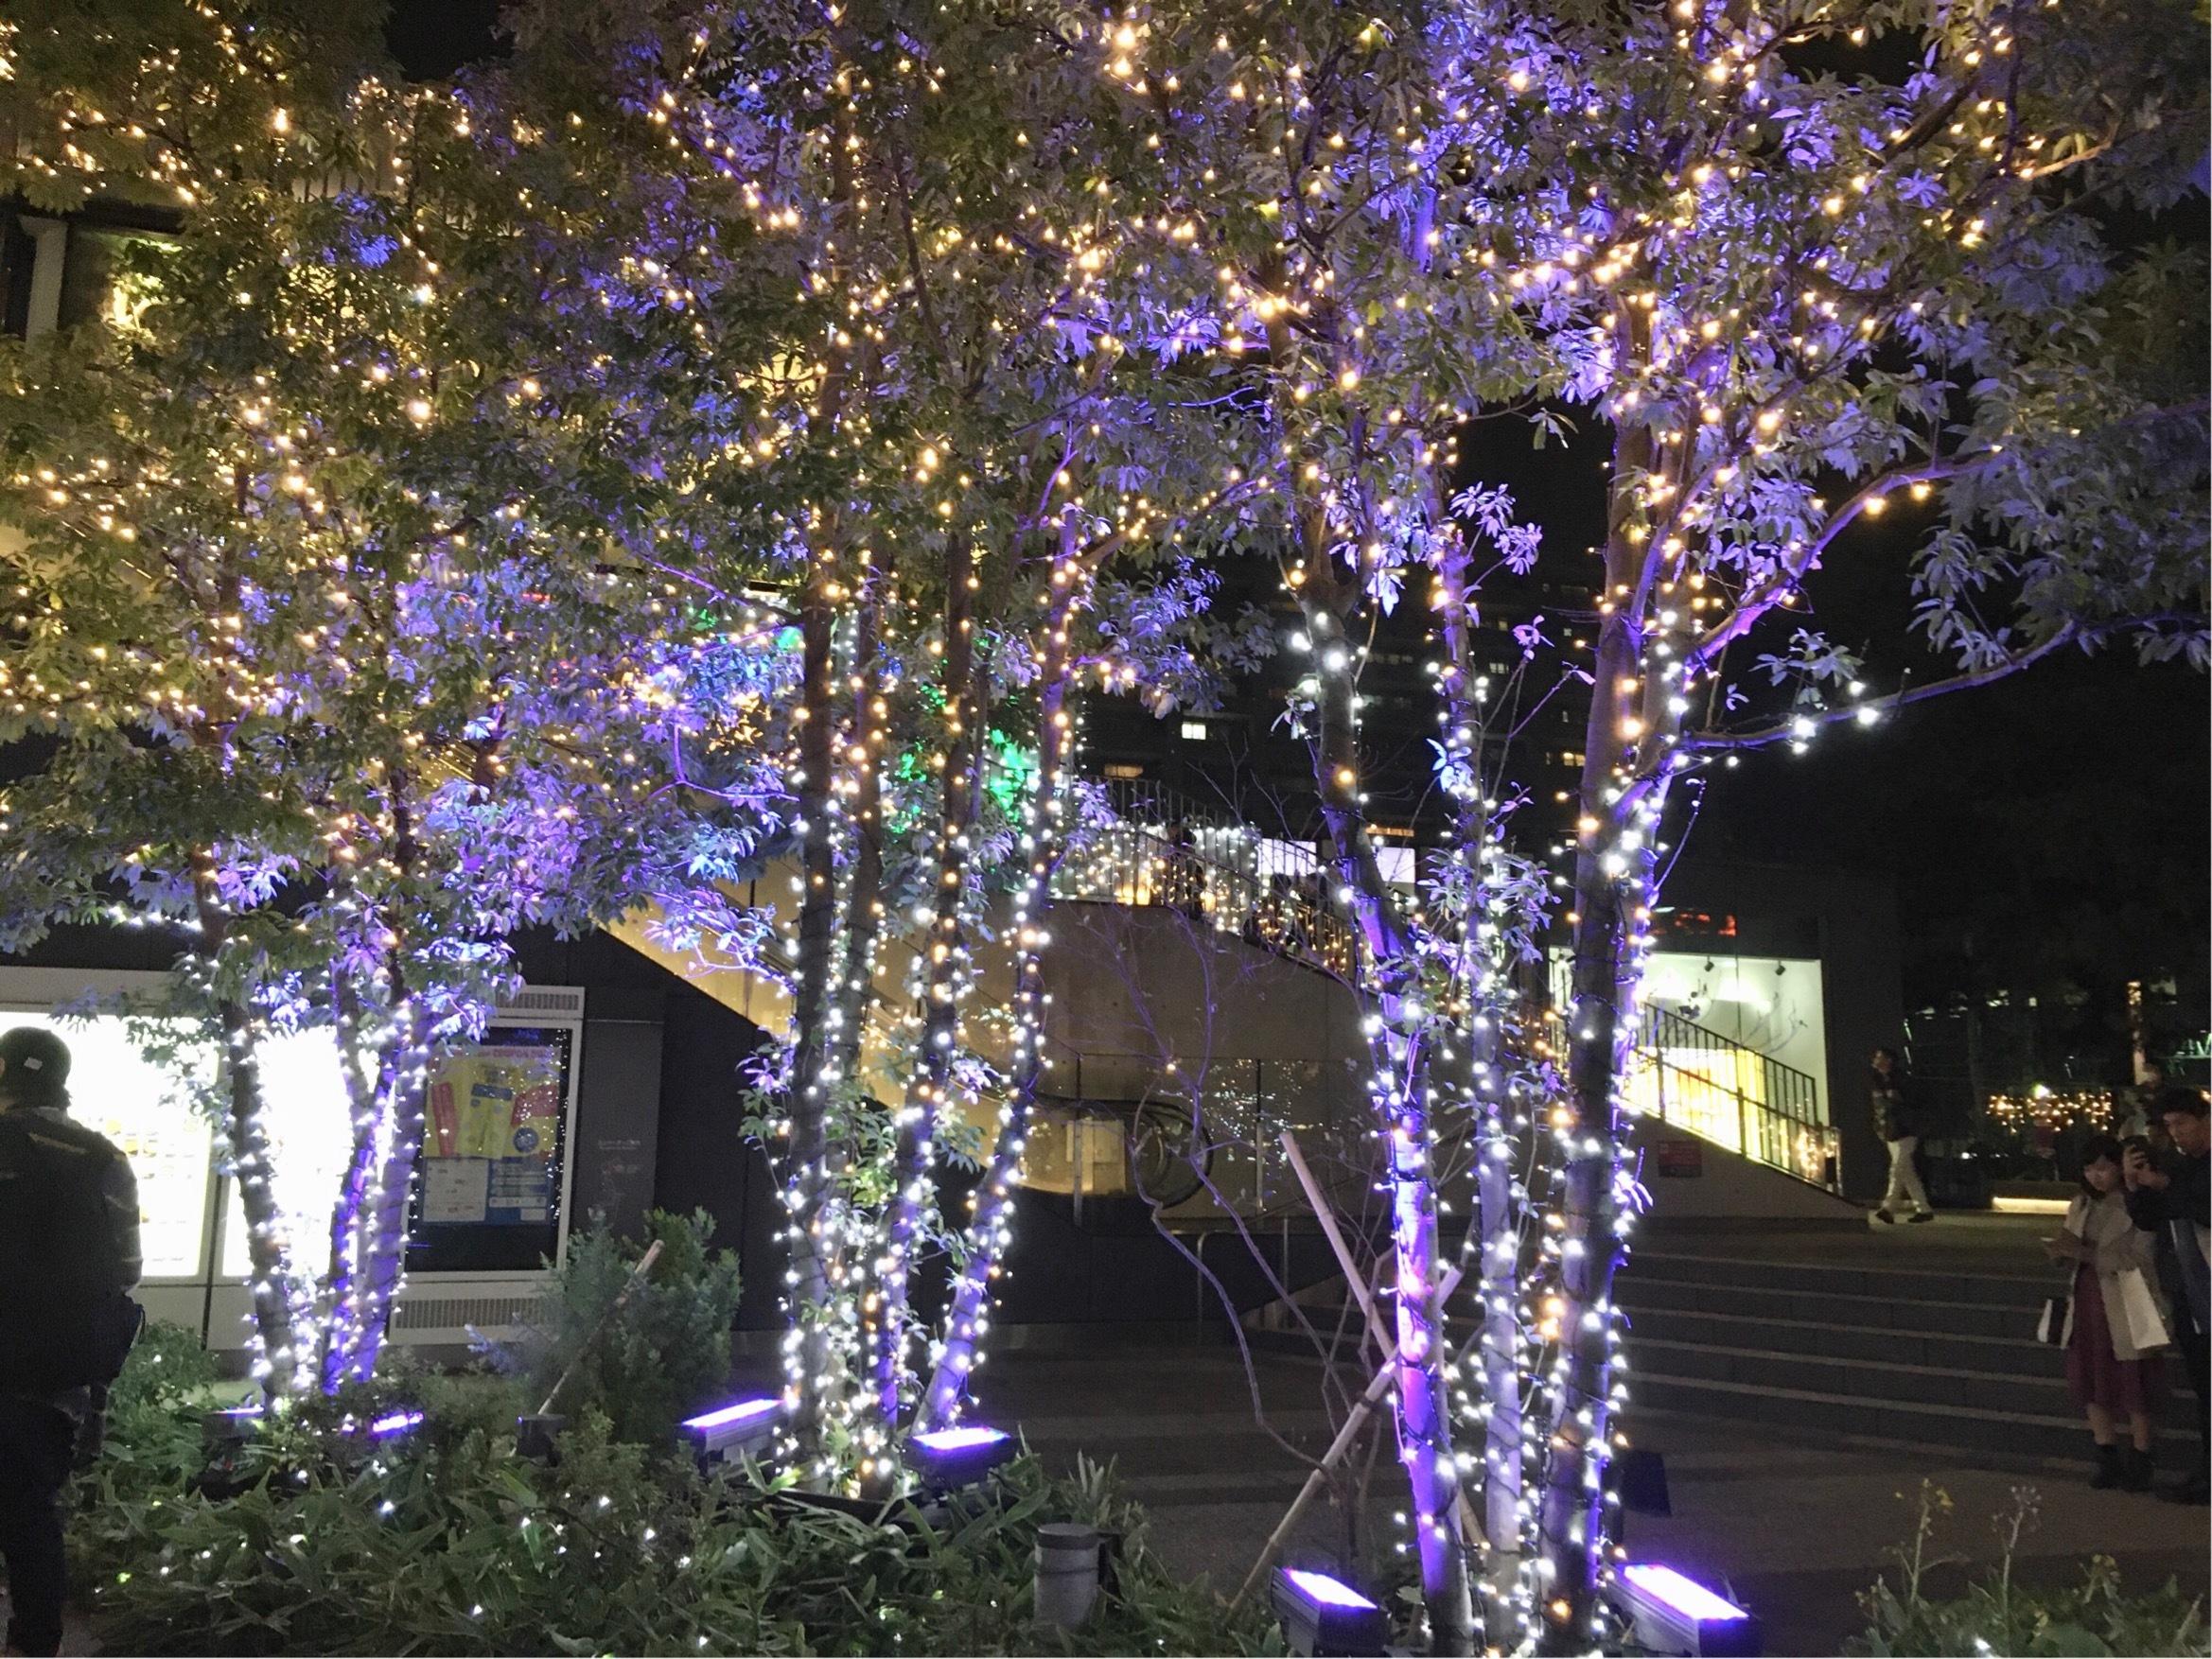 【デートにおすすめ】スカイツリーのクリスマス仕様がすごかった!_1_2-2